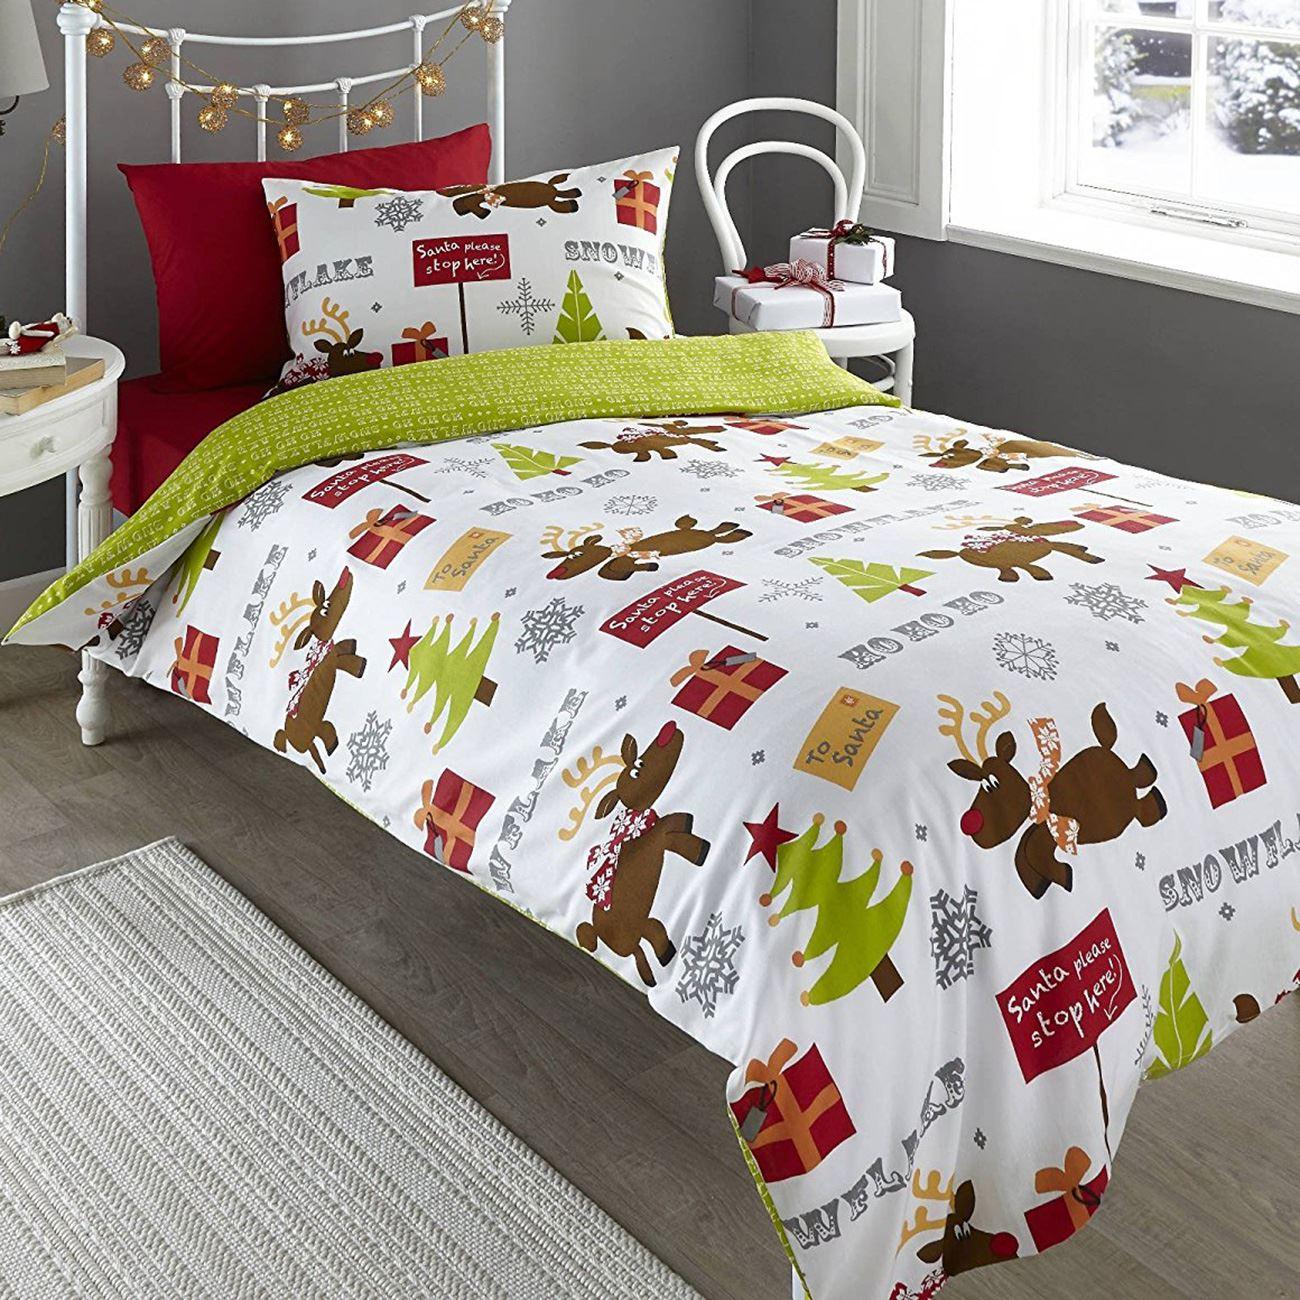 christmas duvet cover sets 100 brushed cotton flannalette. Black Bedroom Furniture Sets. Home Design Ideas